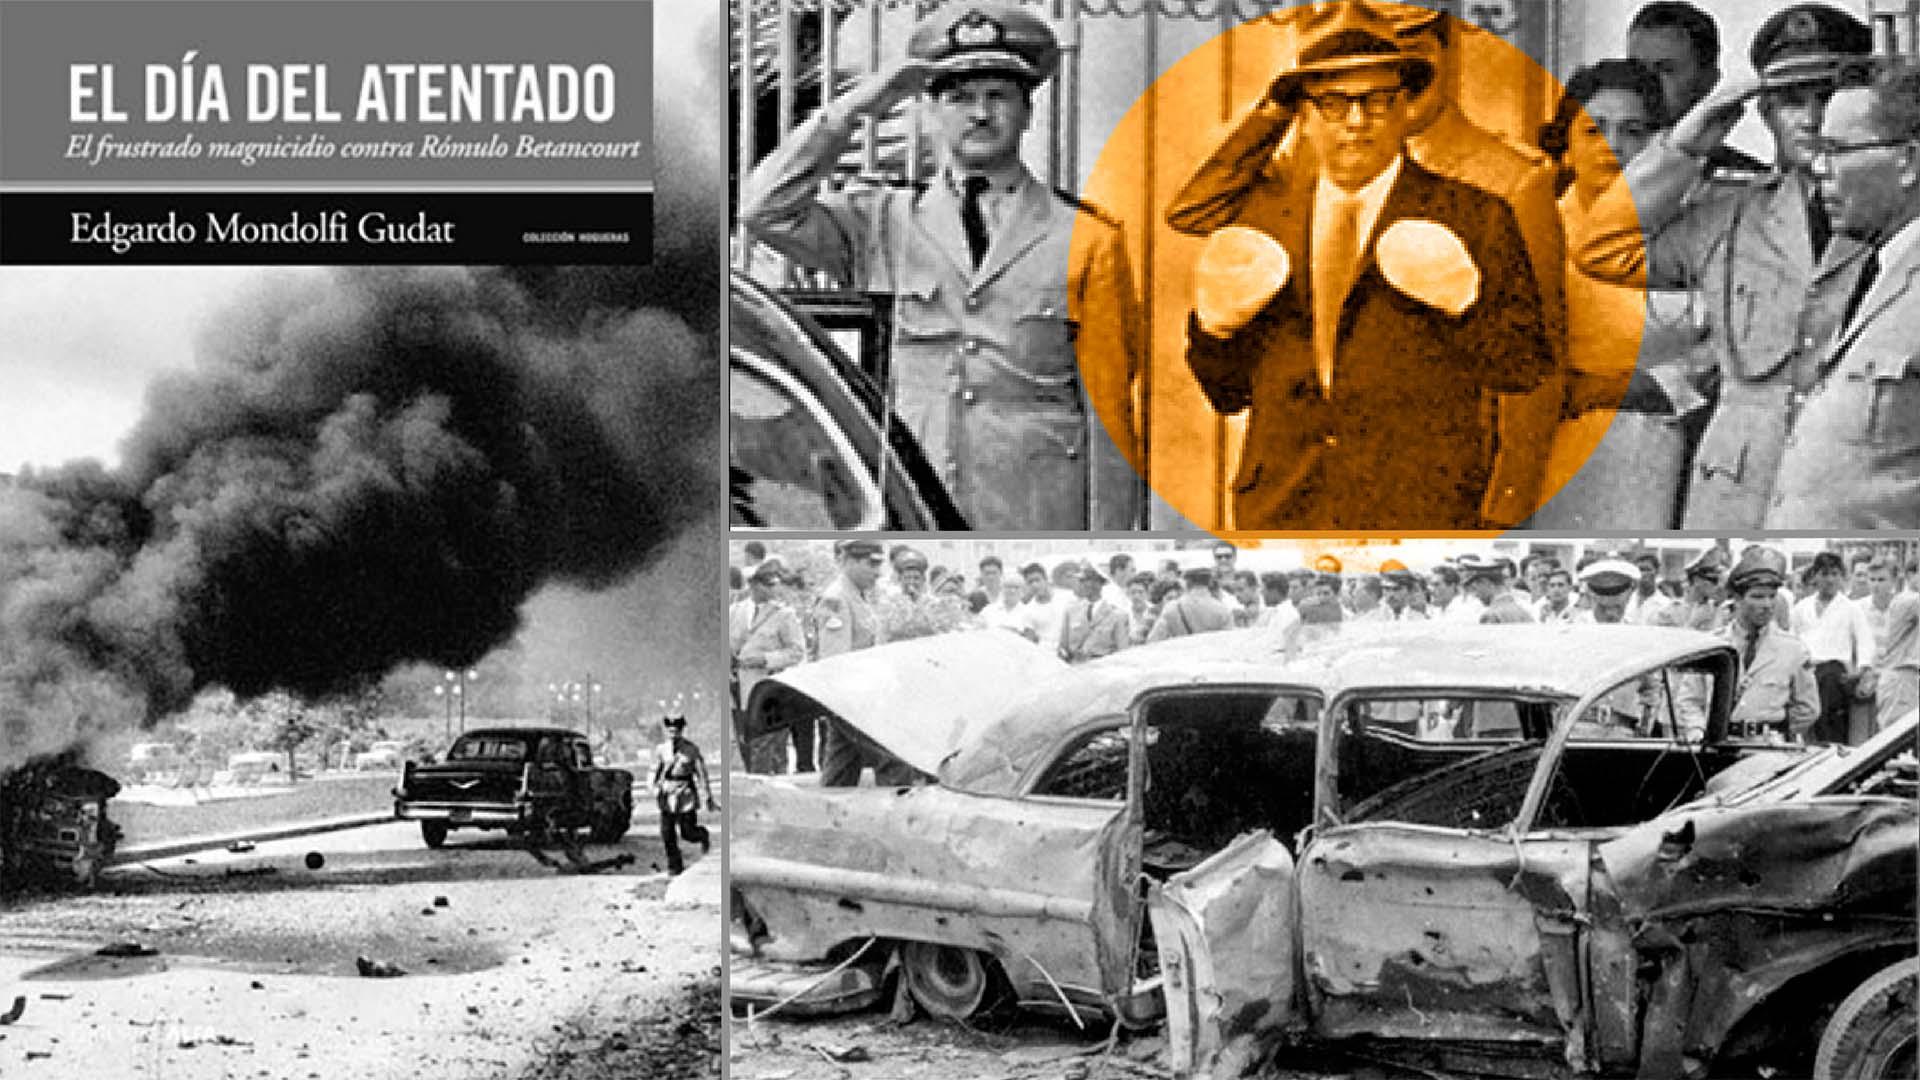 Una latencia llamada Milagros (atentado a Rómulo Betancourt hace 60 años), por Víctor Suárez